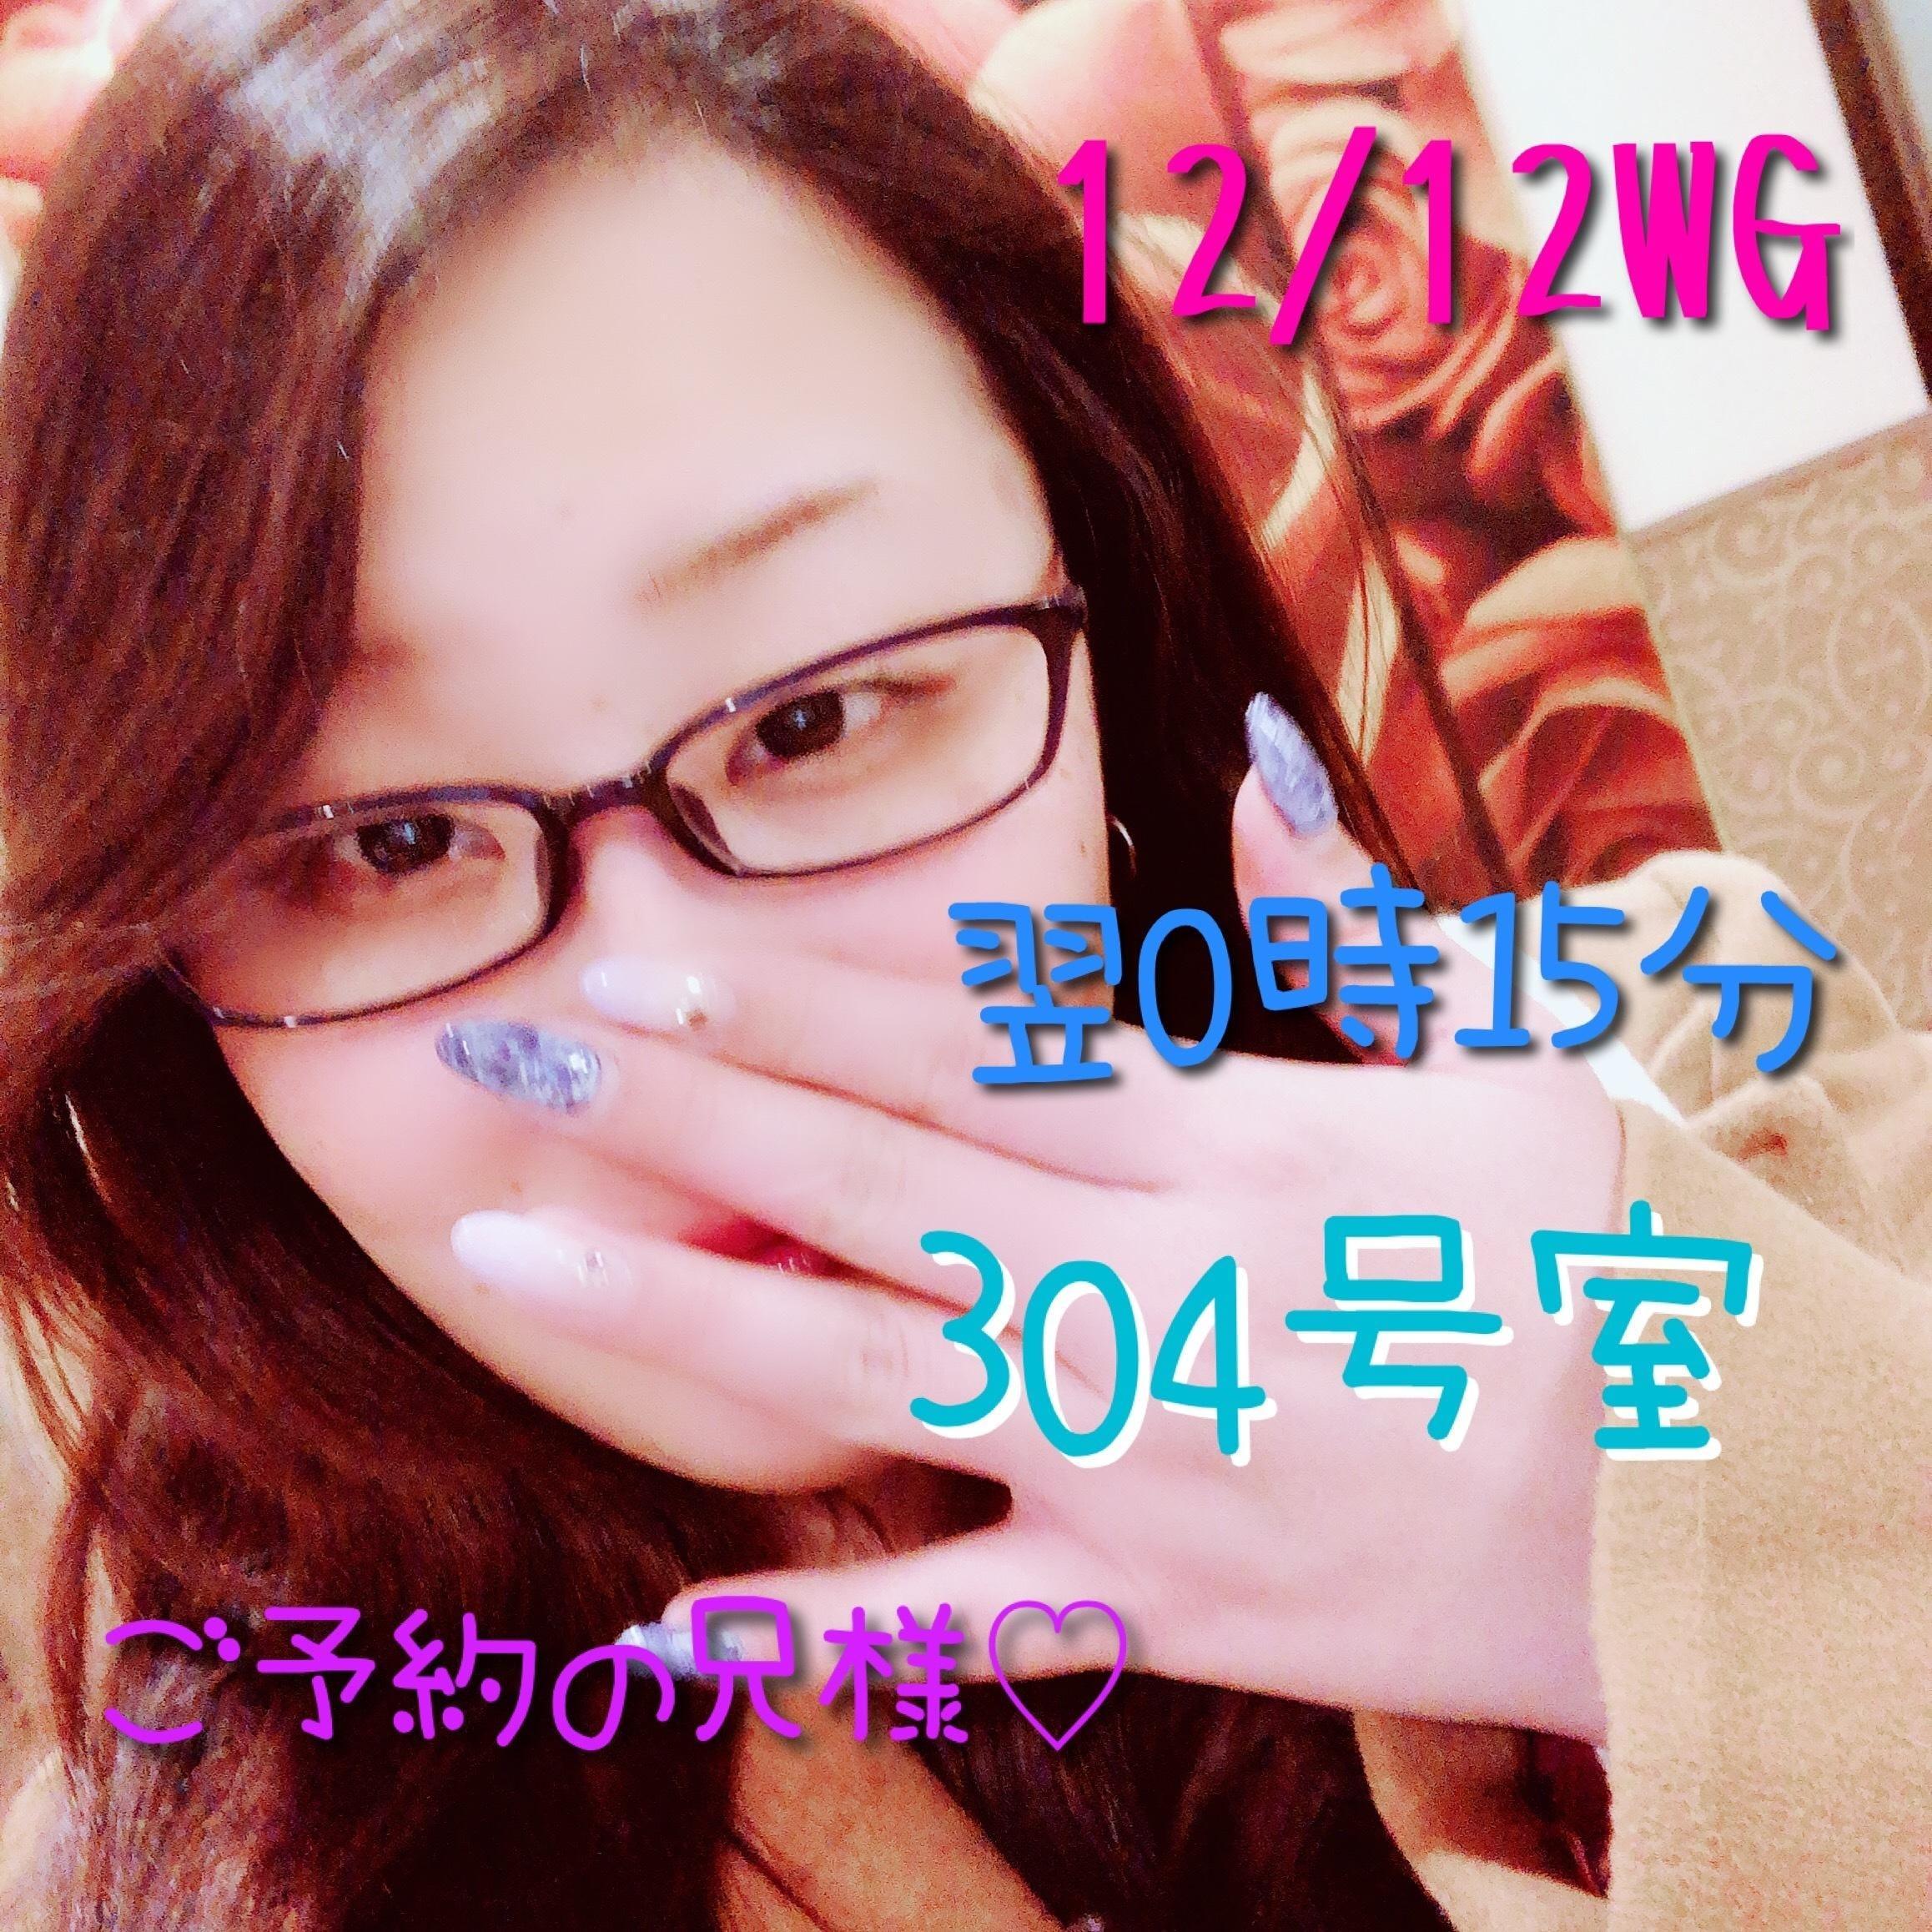 まみ「12/12WG翌12時15分ご予約の兄様?」12/13(木) 03:20 | まみの写メ・風俗動画